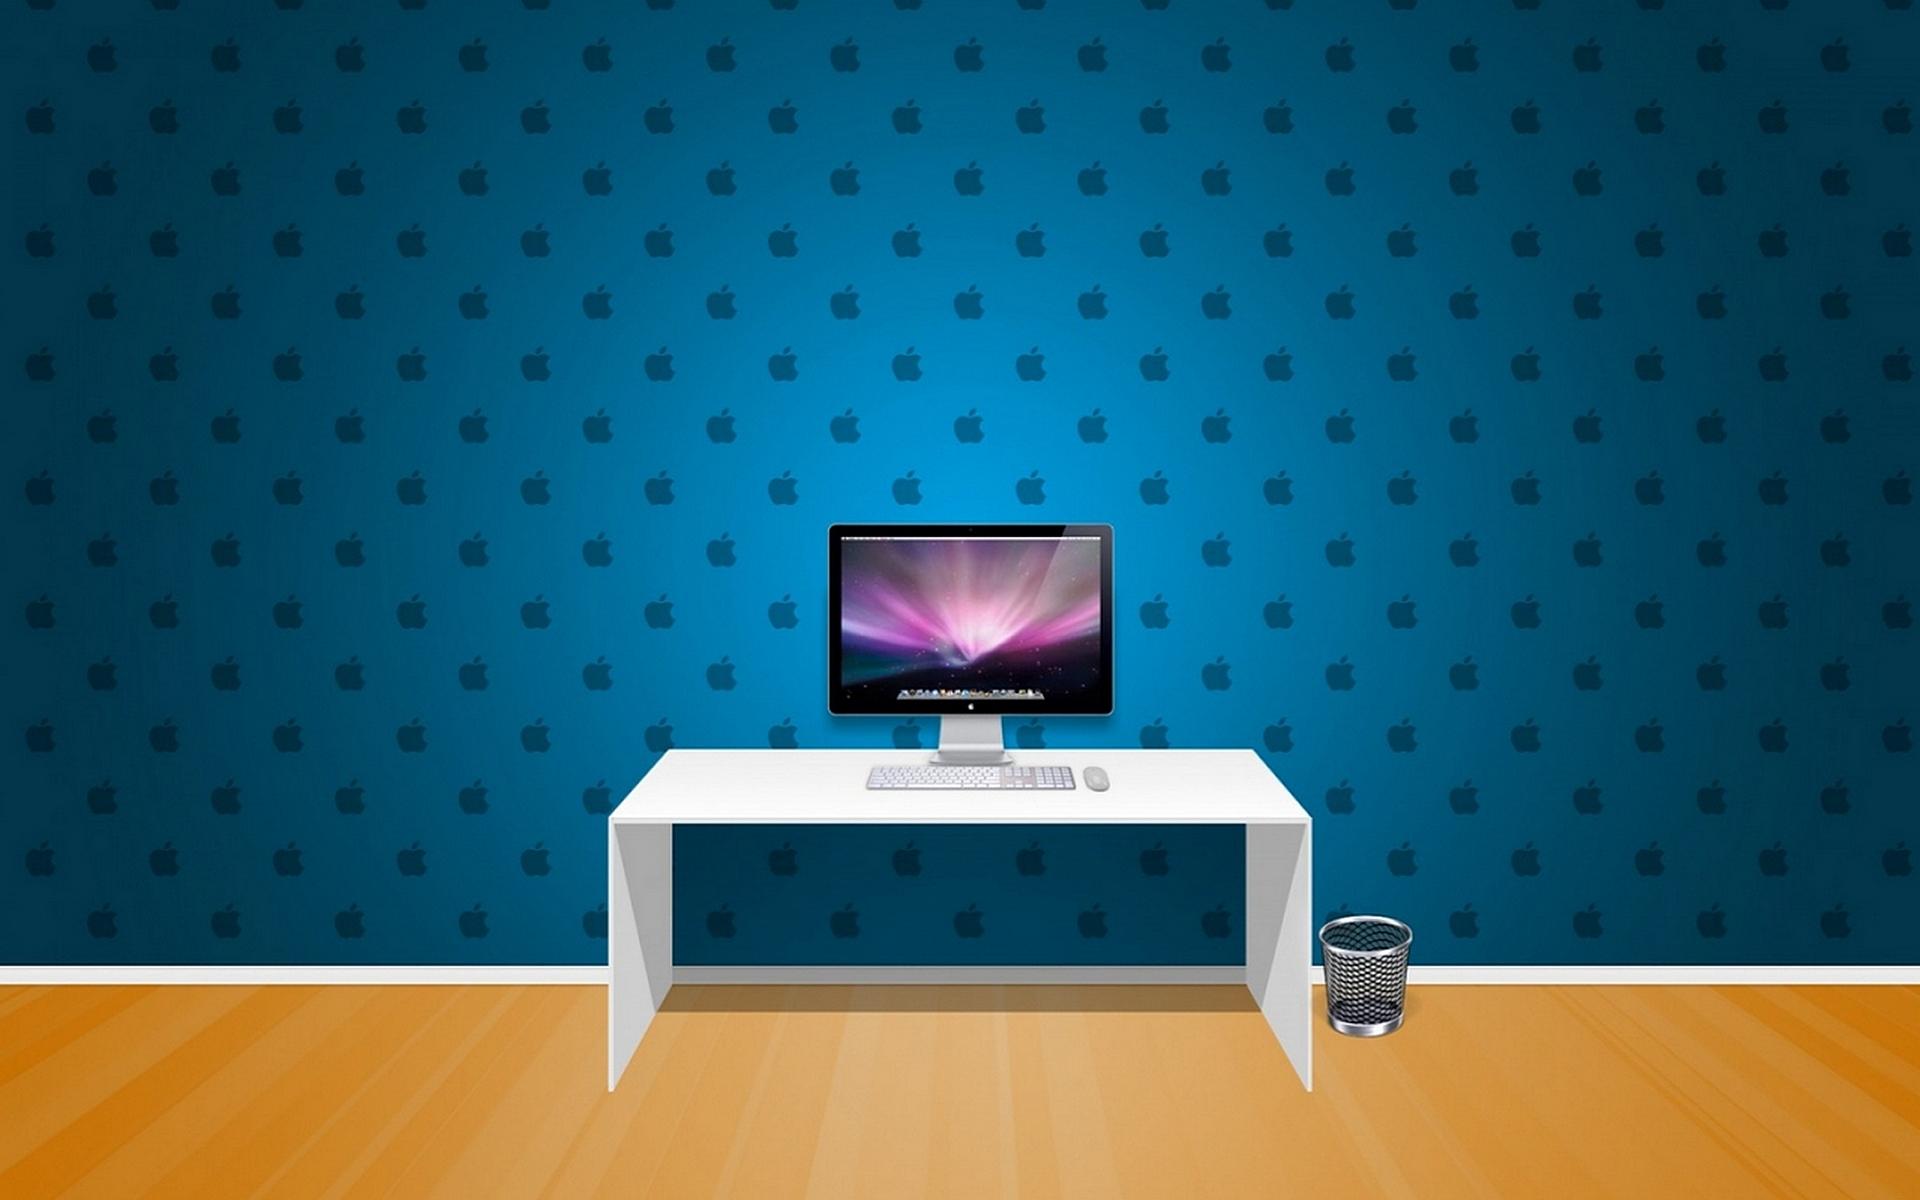 обои на рабочий стол в кампьютер № 648599 без смс